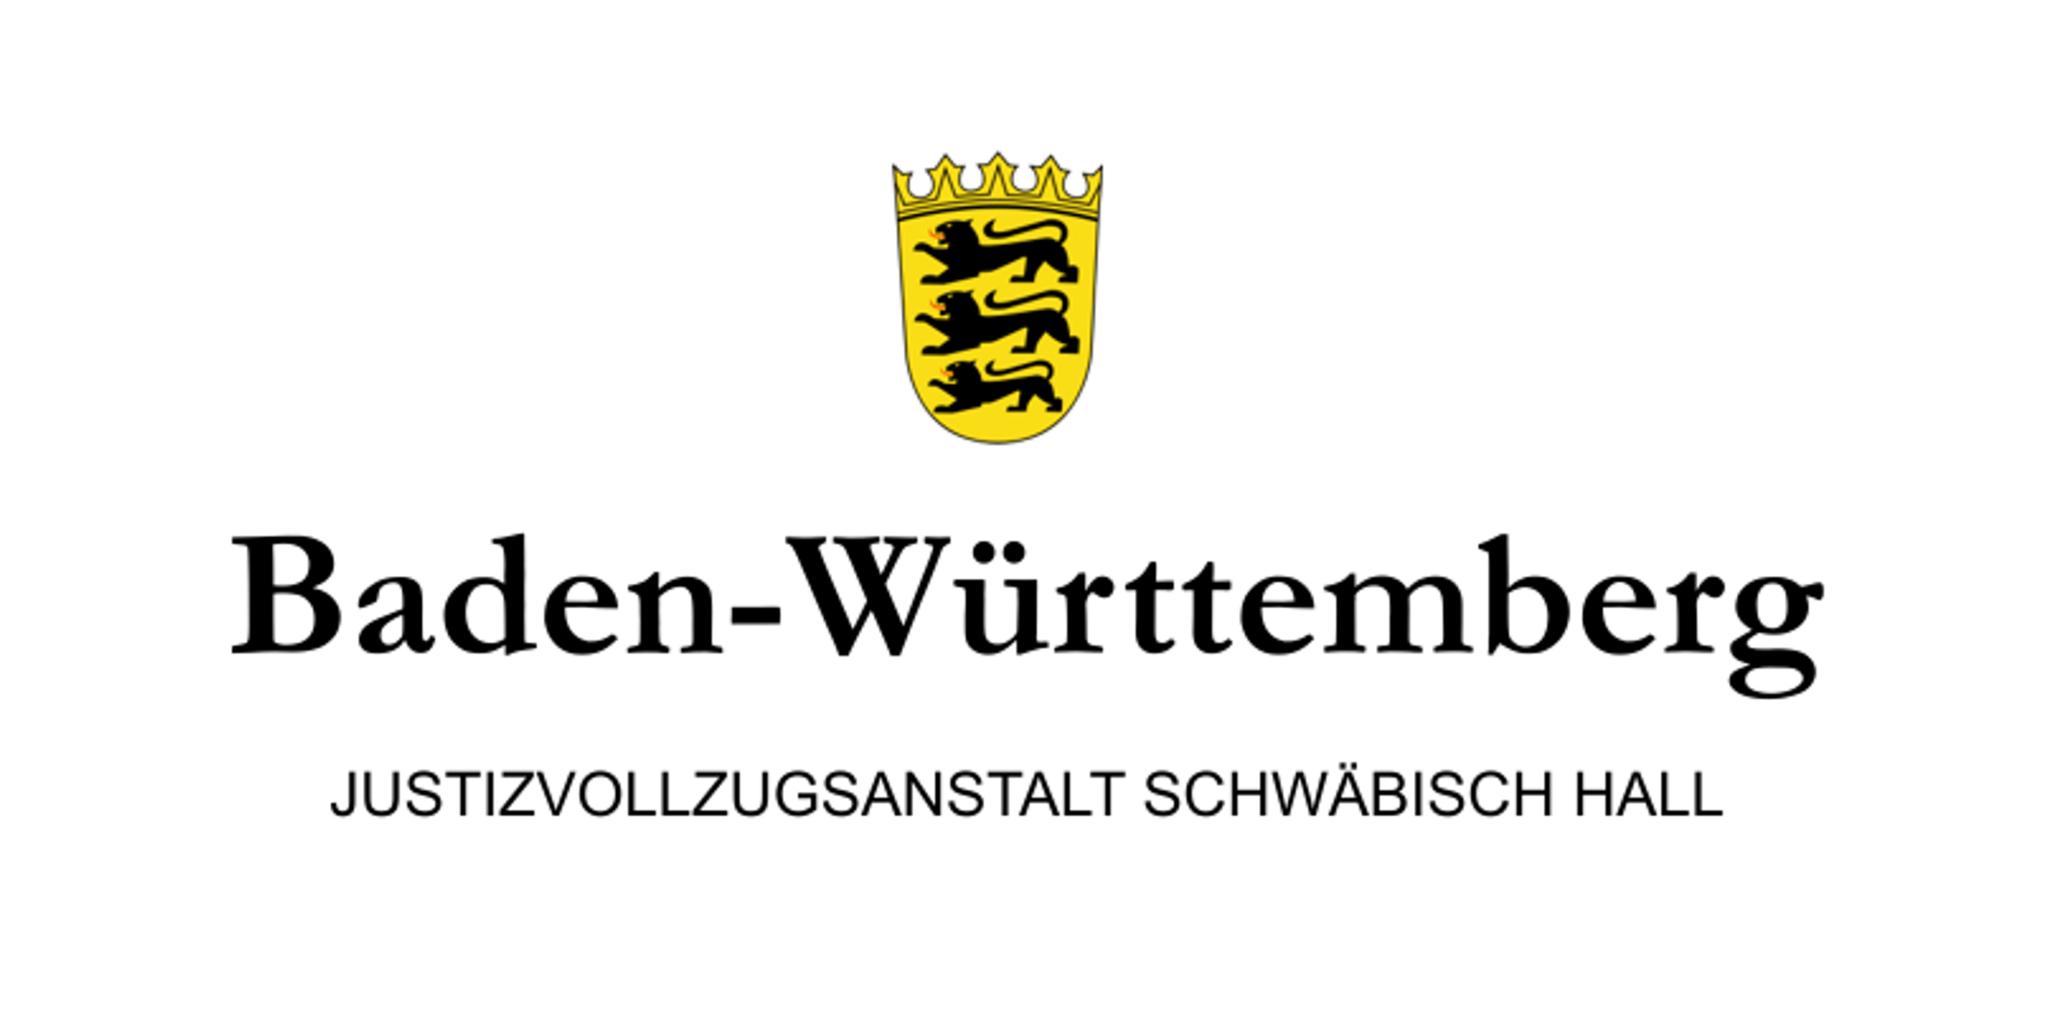 Justizvollzugsanstalt Schwäbisch Hall